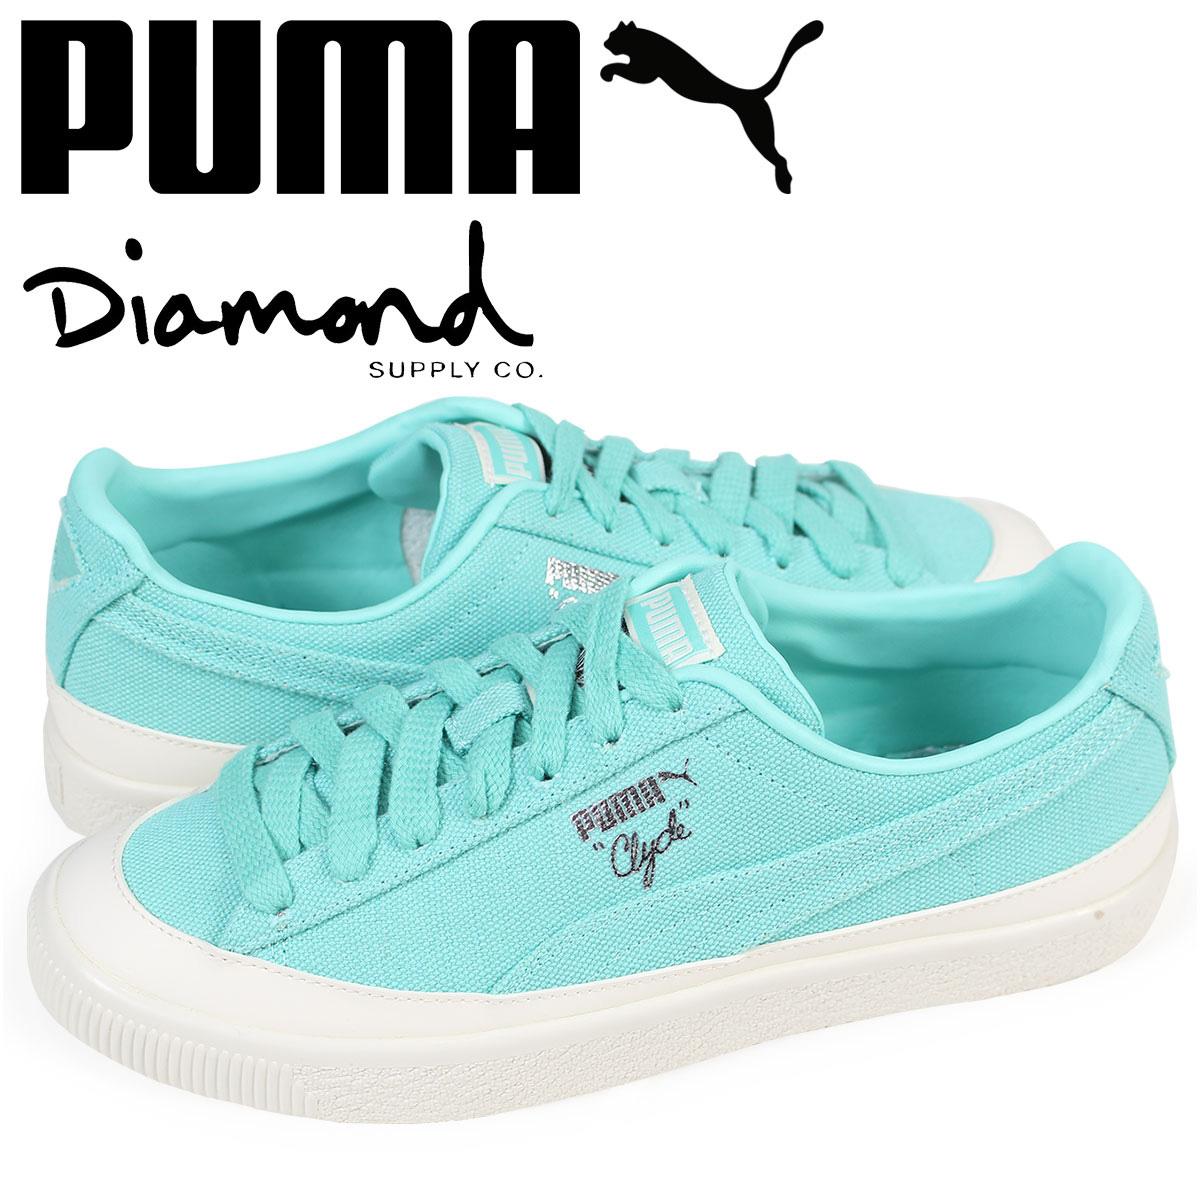 セットアップ プーマ PUMA クライド スニーカー メンズ ダイヤモンドサプライ クライド CLYDE ブルー CLYDE DIAMOND コラボ 365651-01 ブルー, mir's:387174b5 --- paulogalvao.com